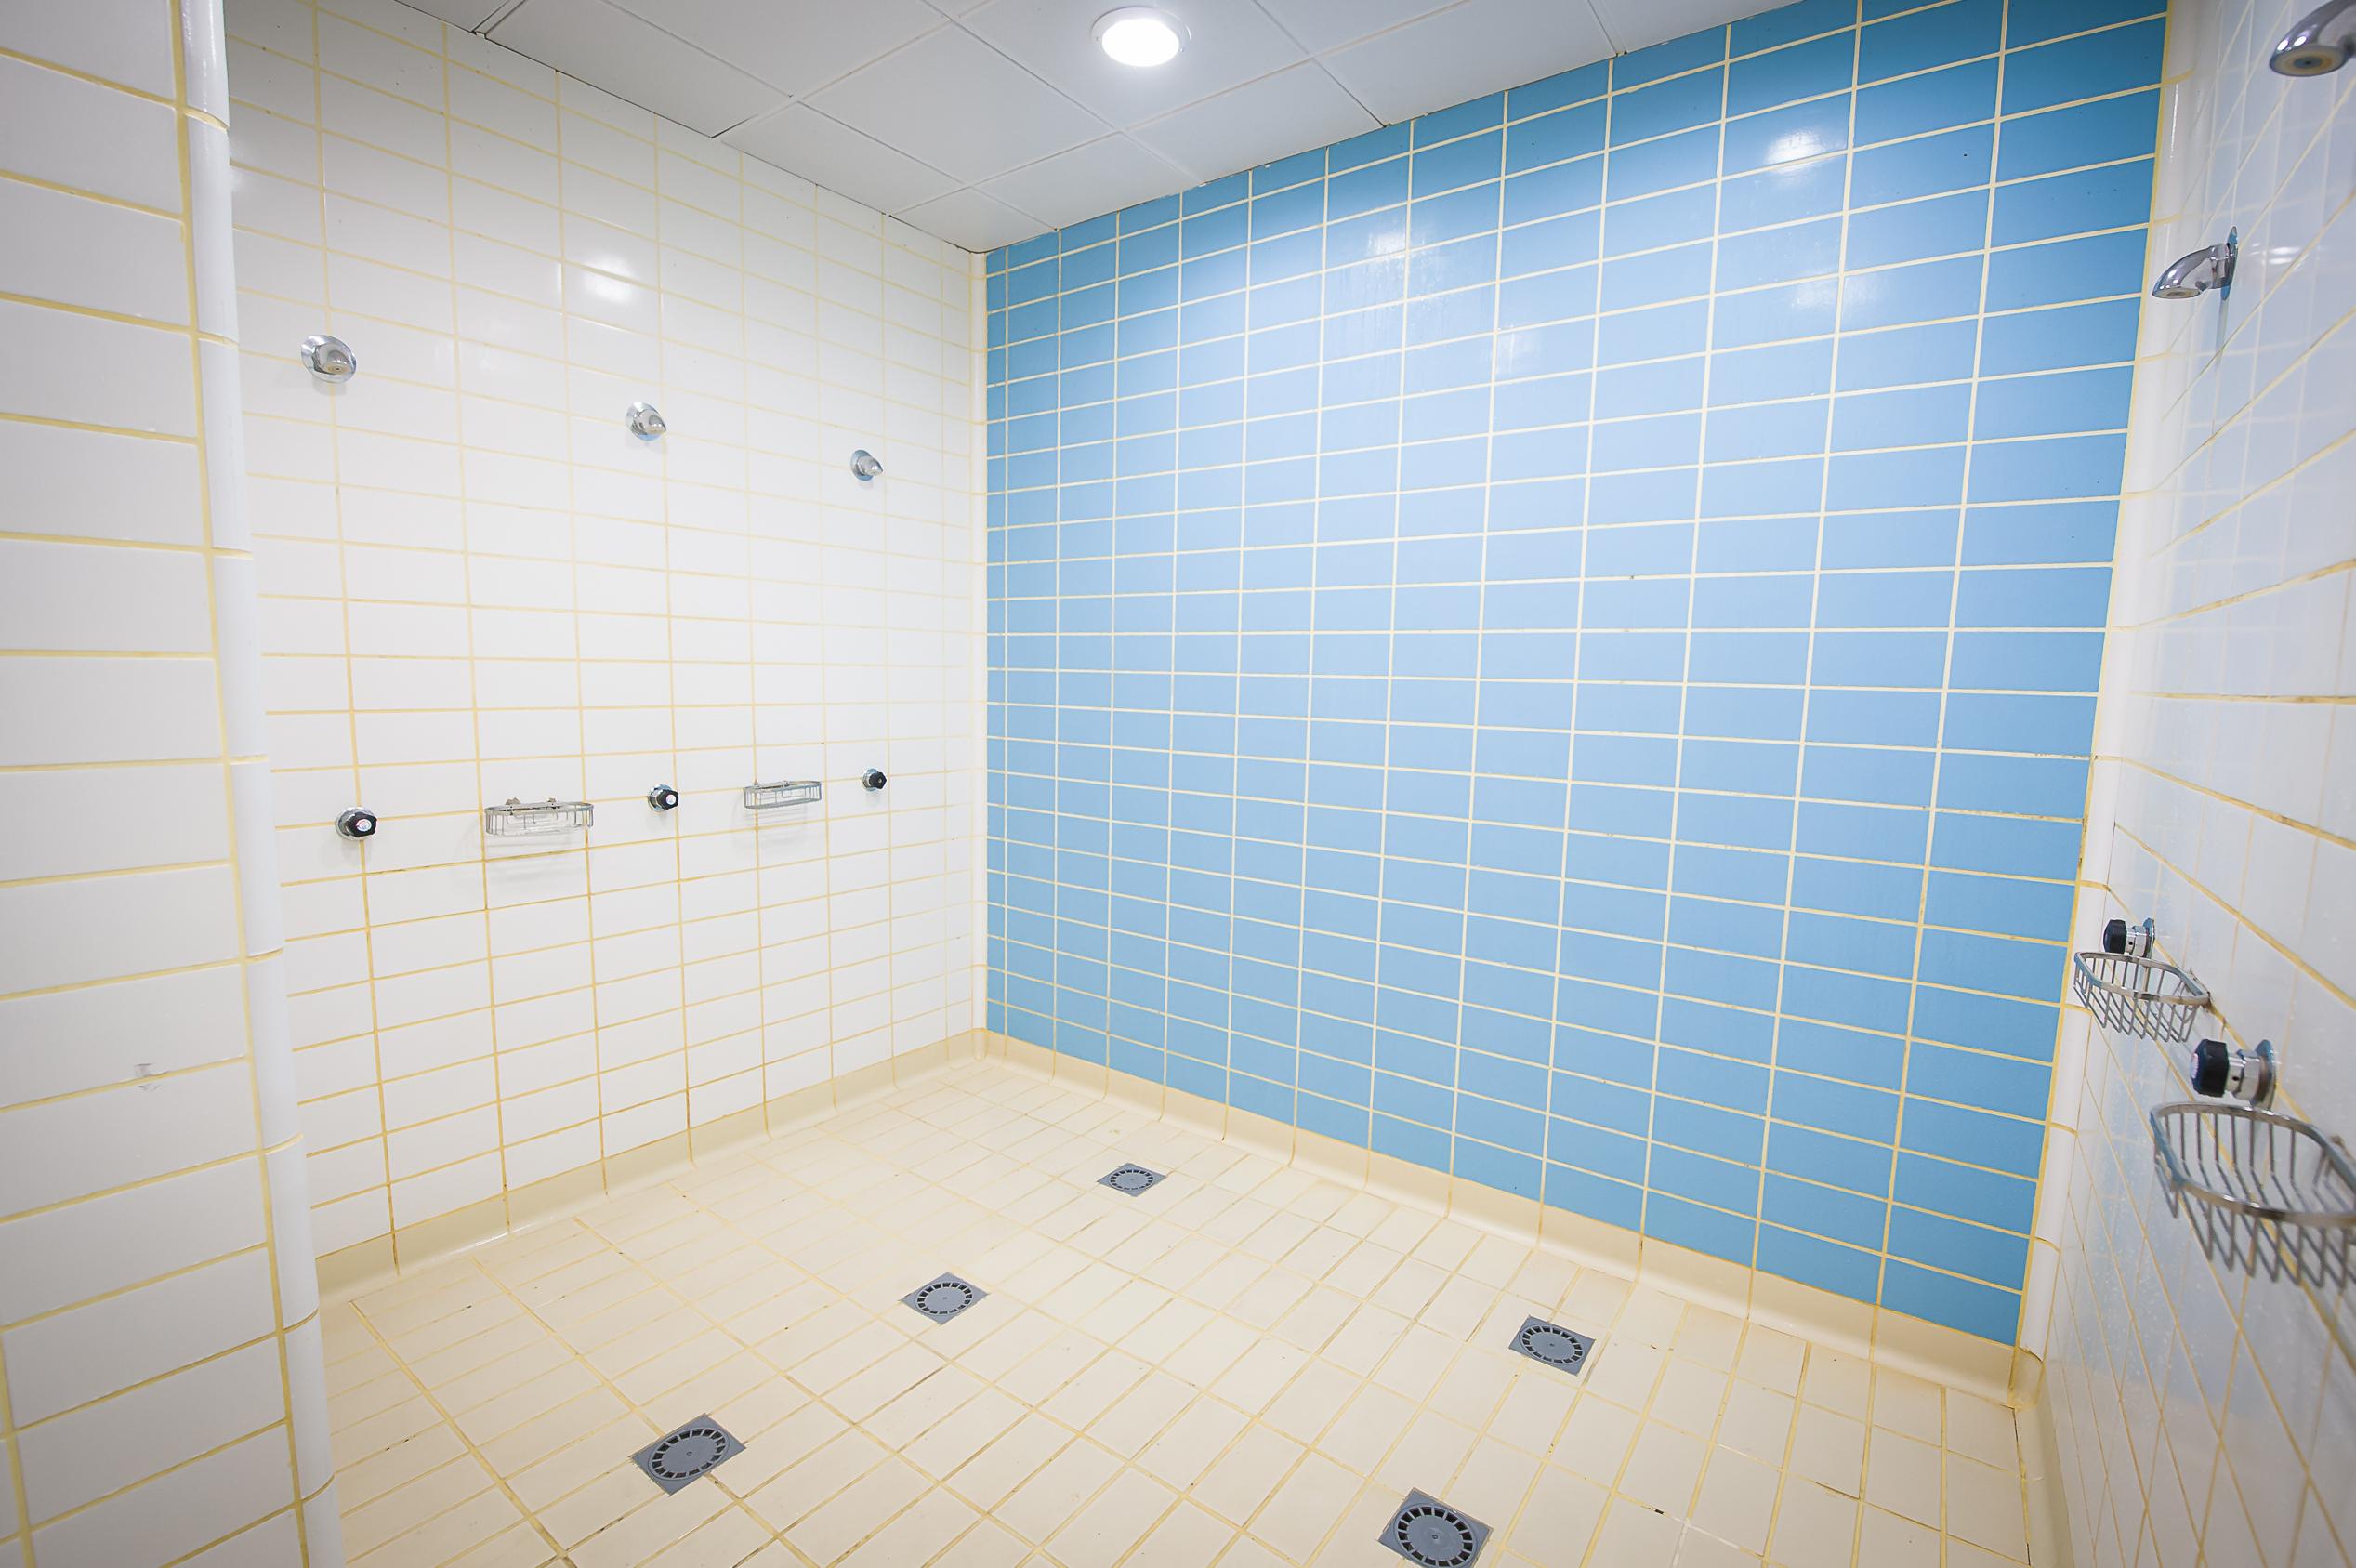 Instalaciones for Gimnasios madrid con piscina